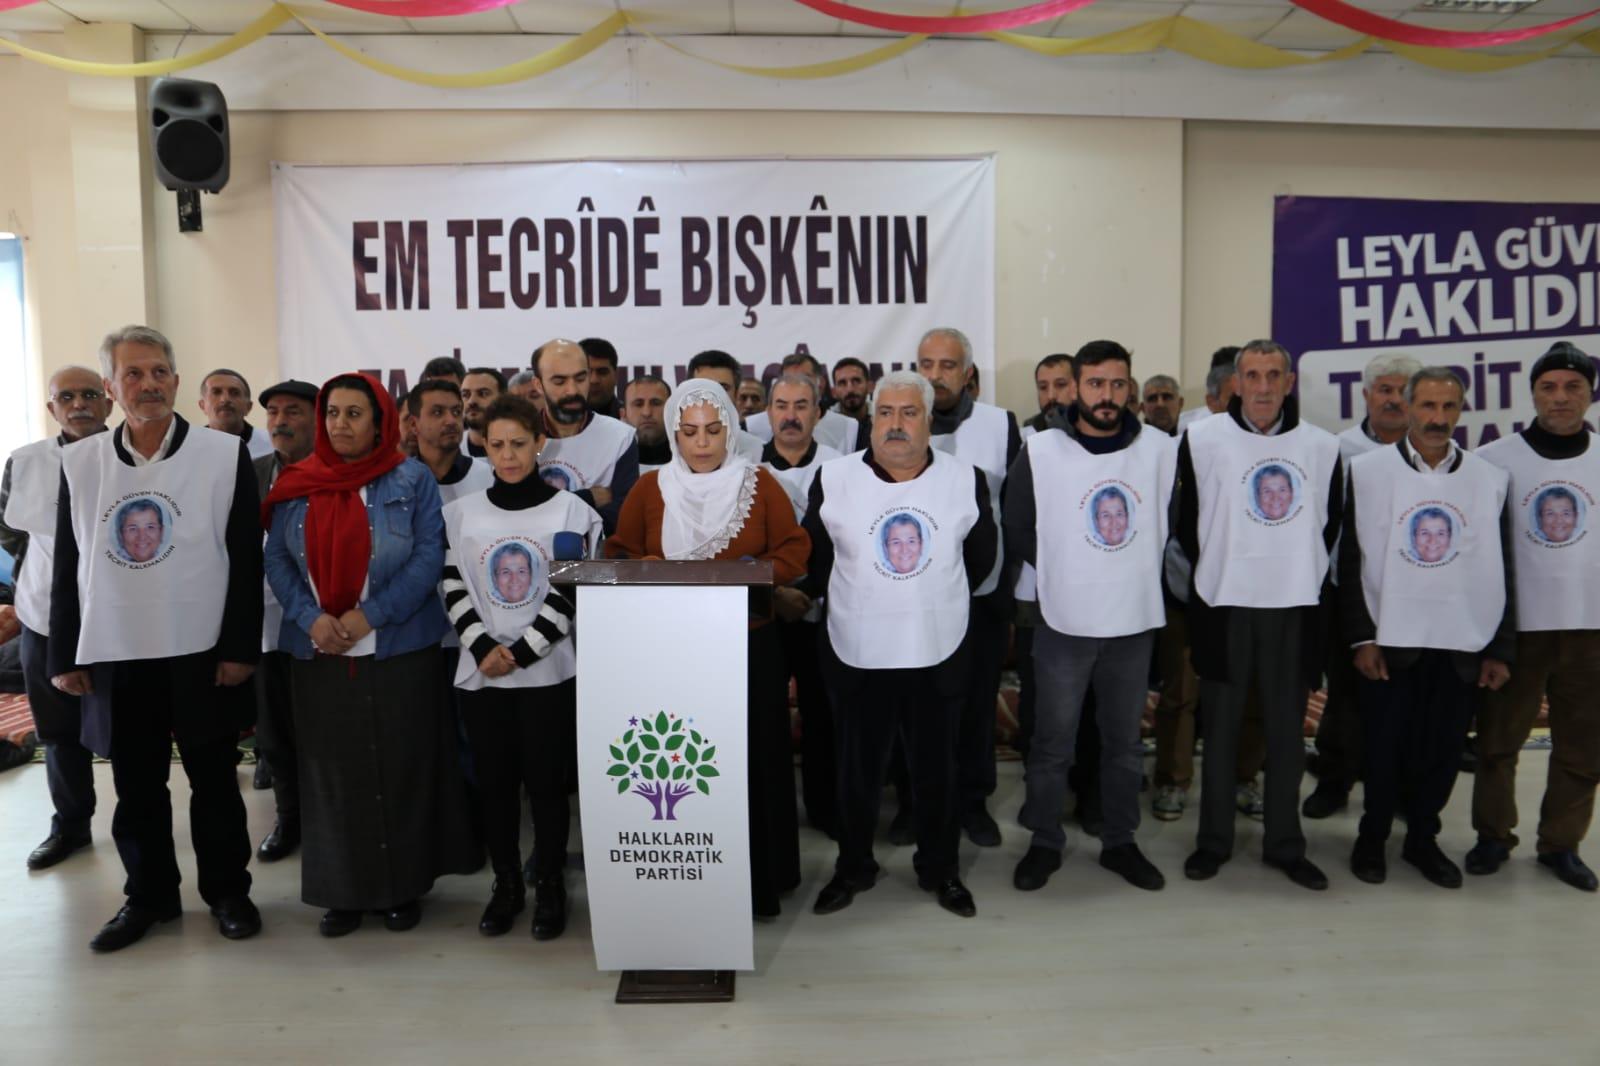 50 kişi daha açlık grevine başladı